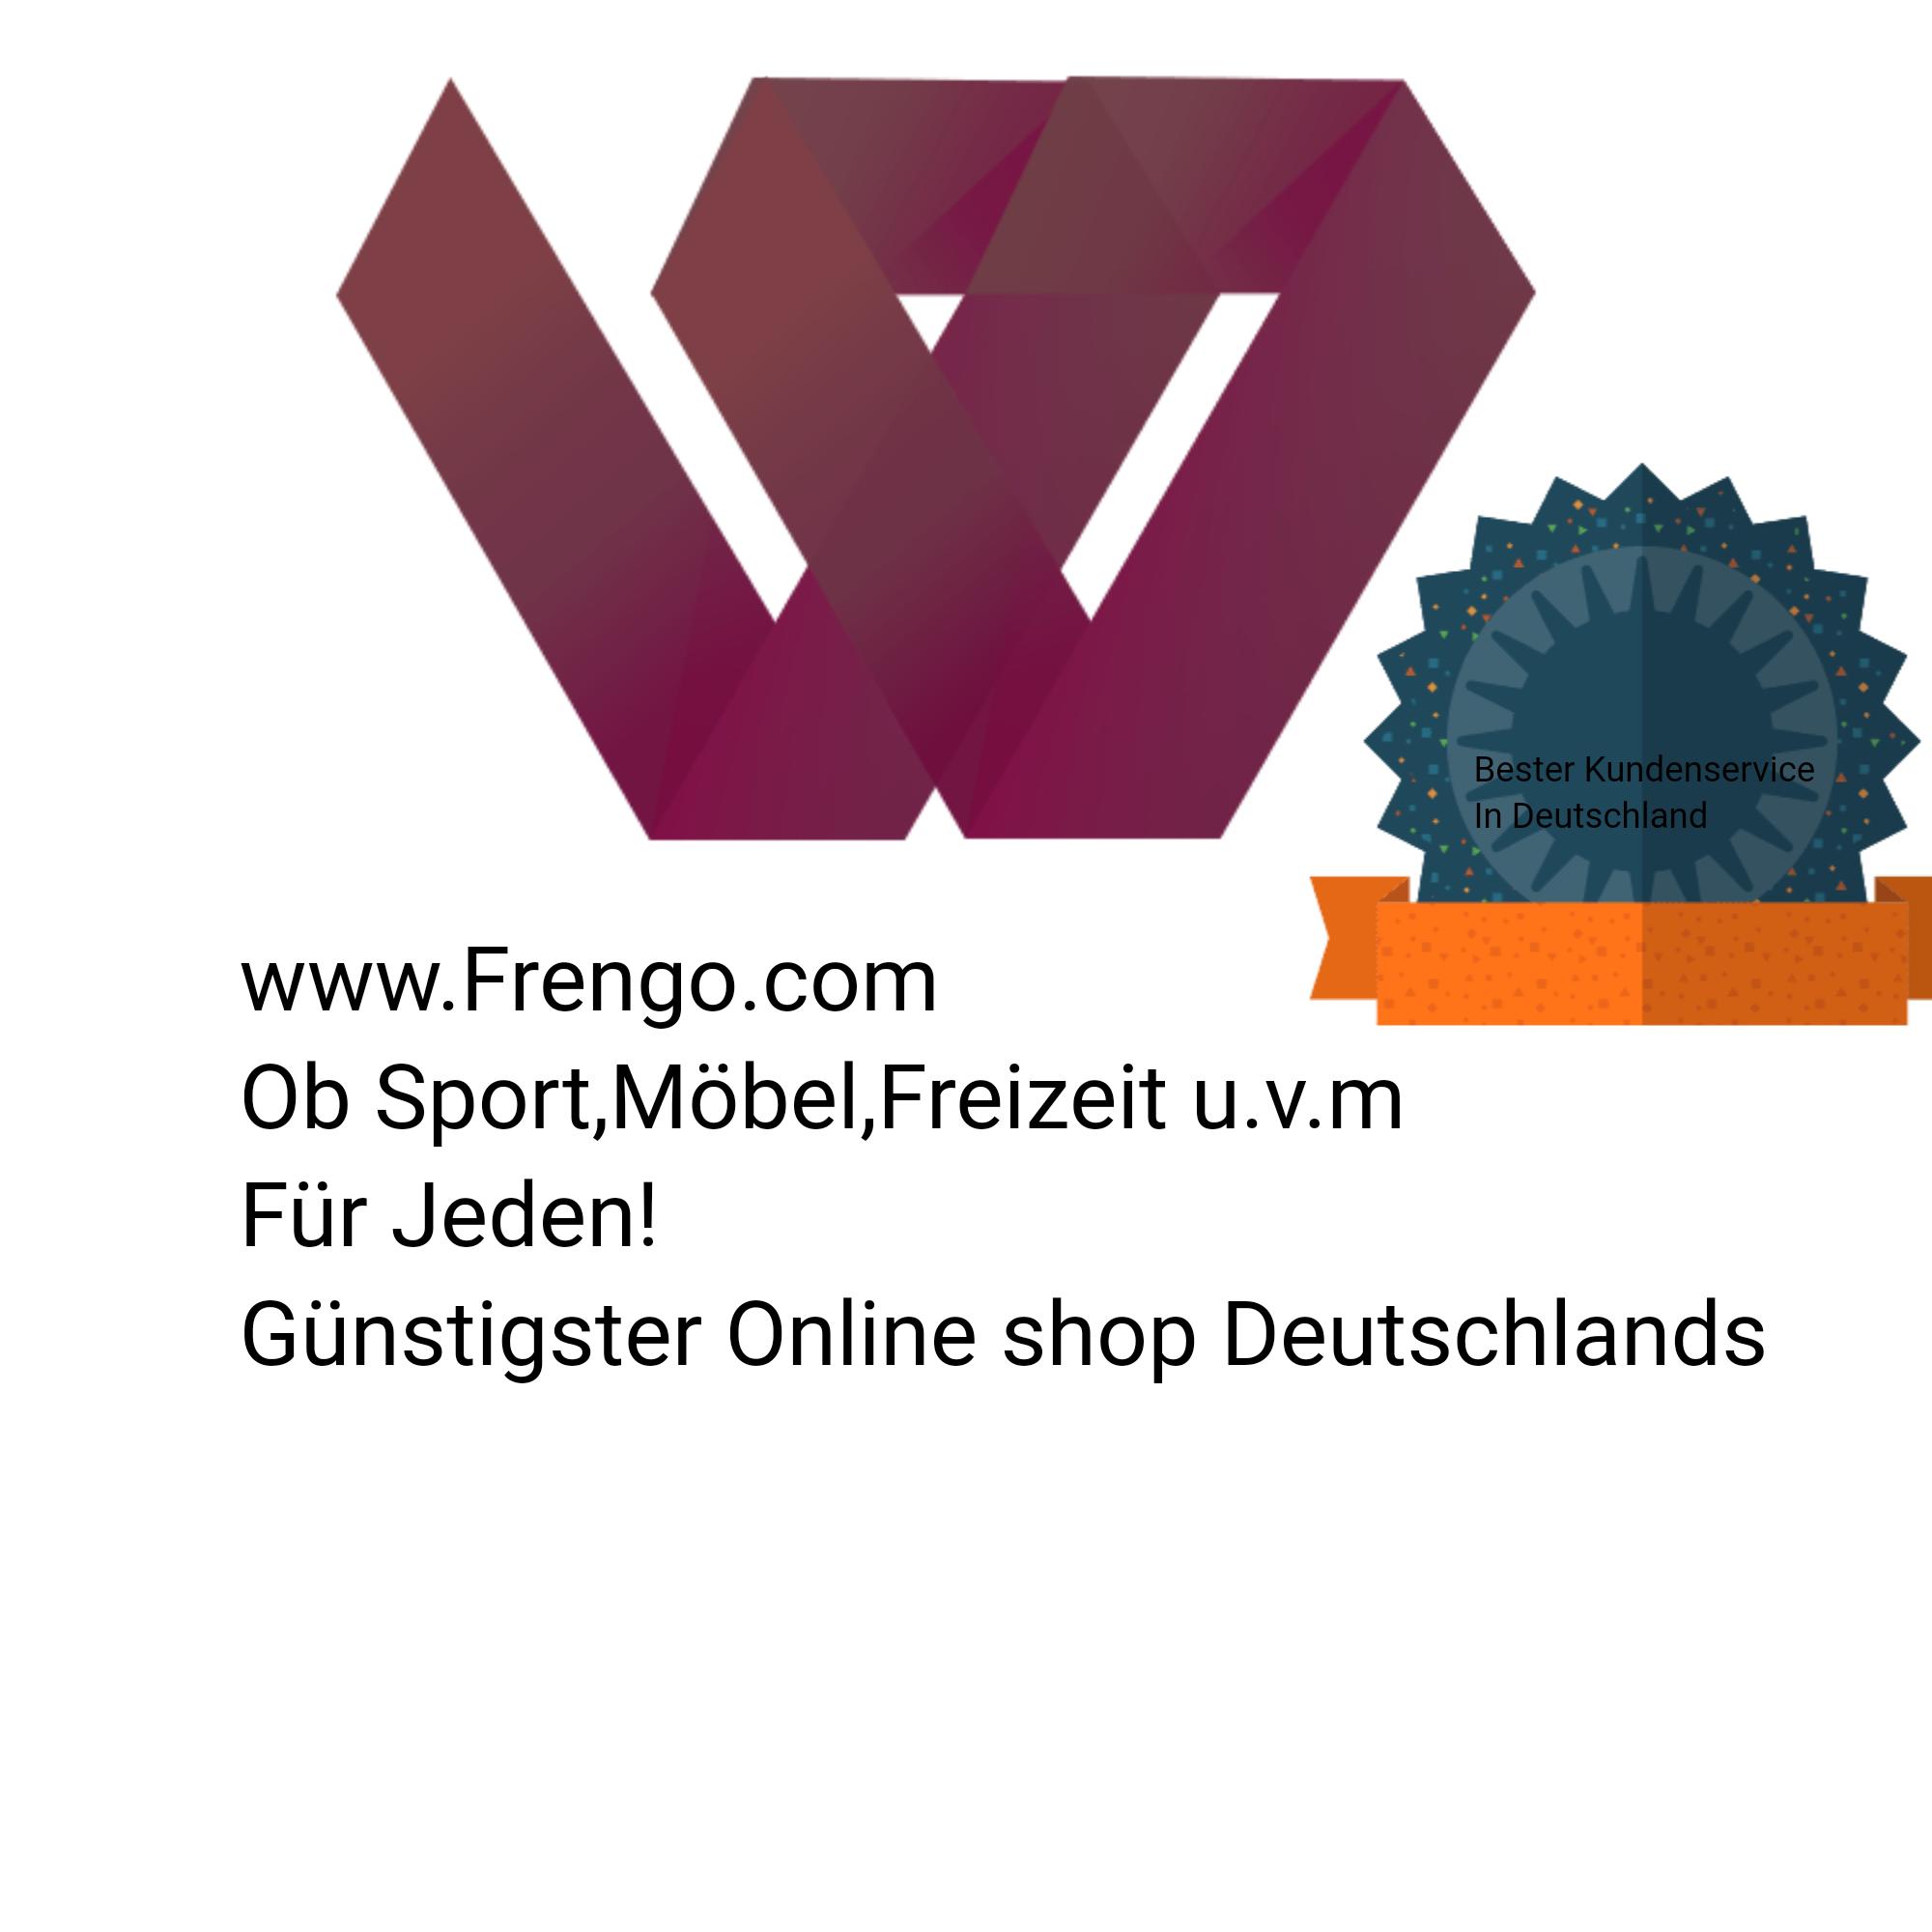 Frengo GmbH&Co.KG